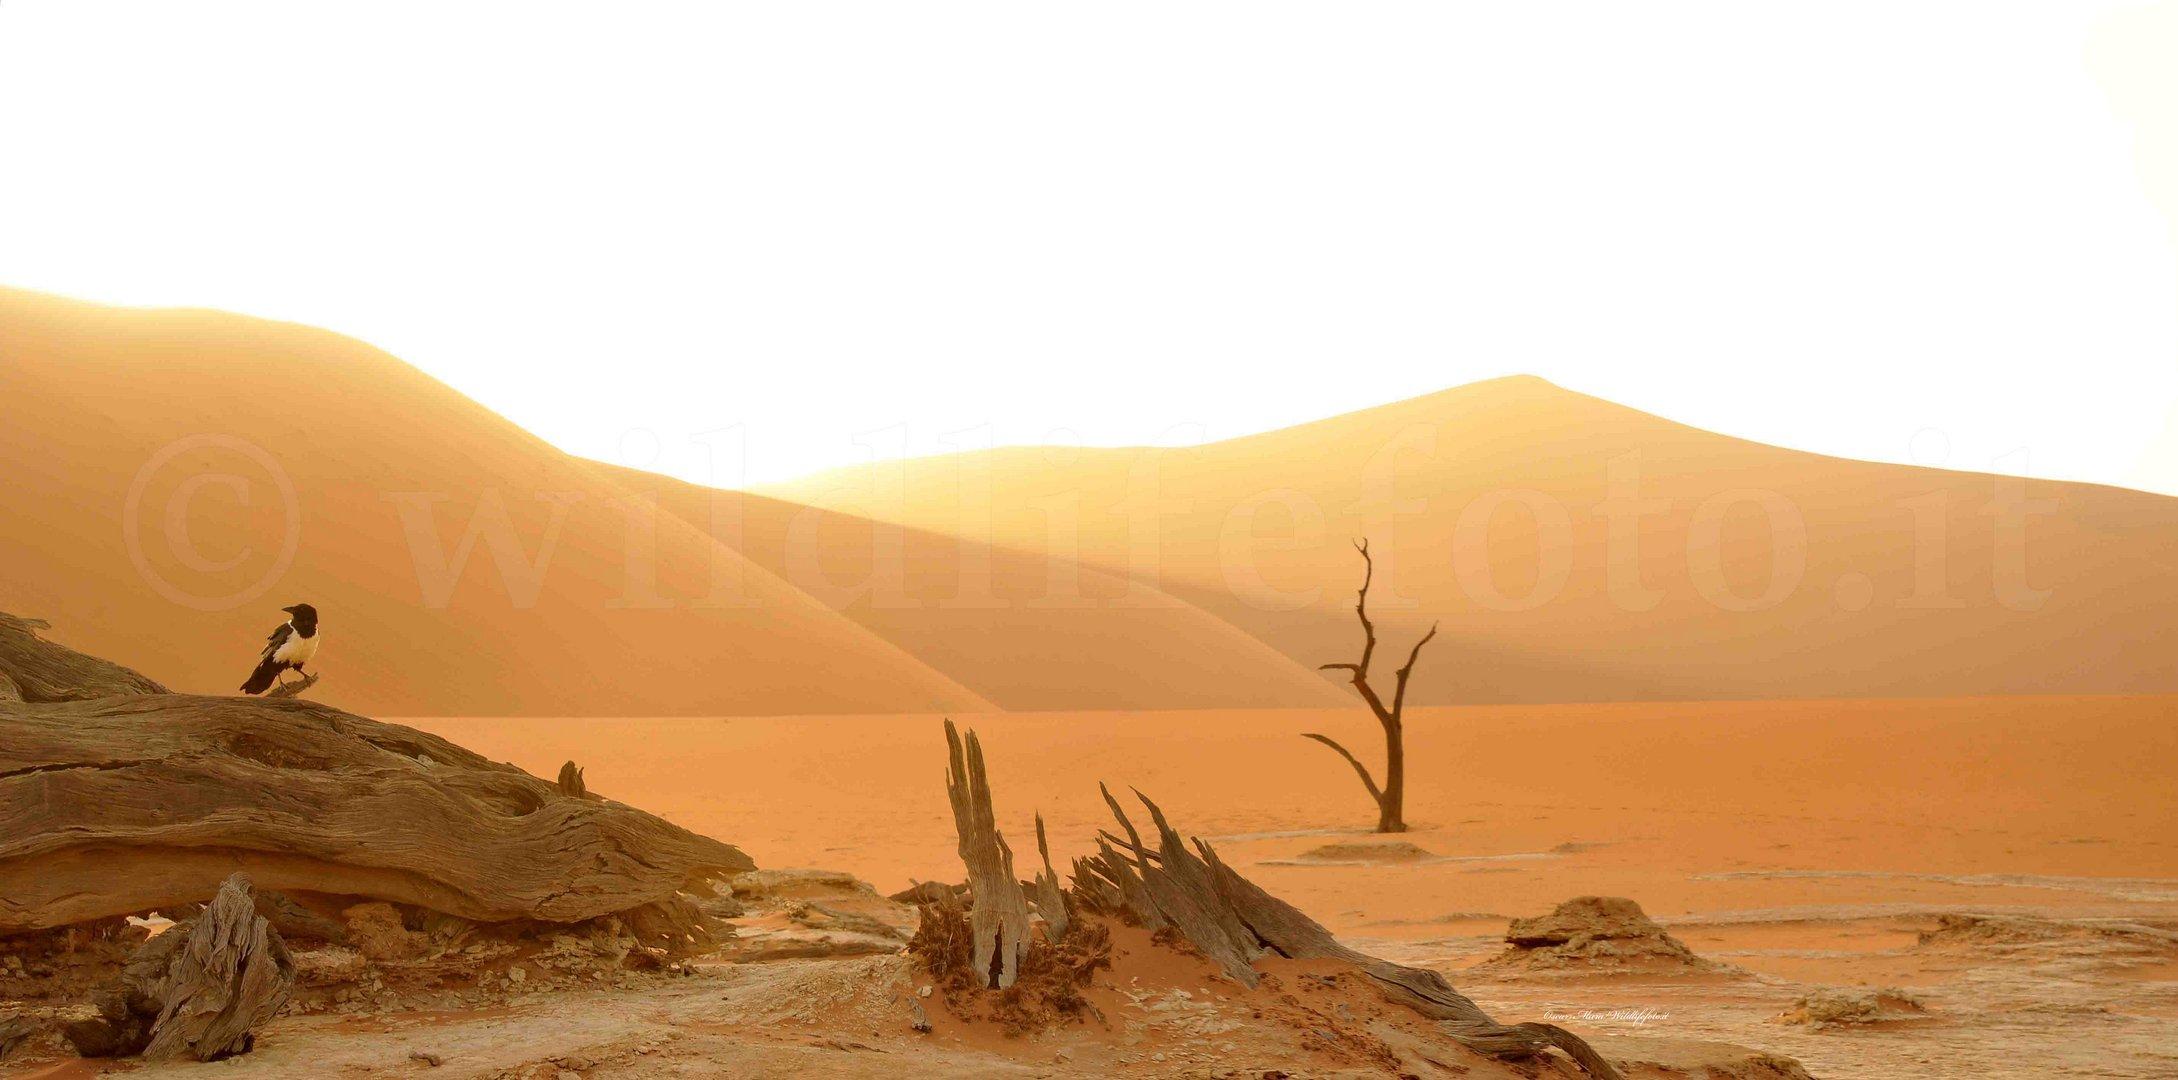 Namibia Death vlei